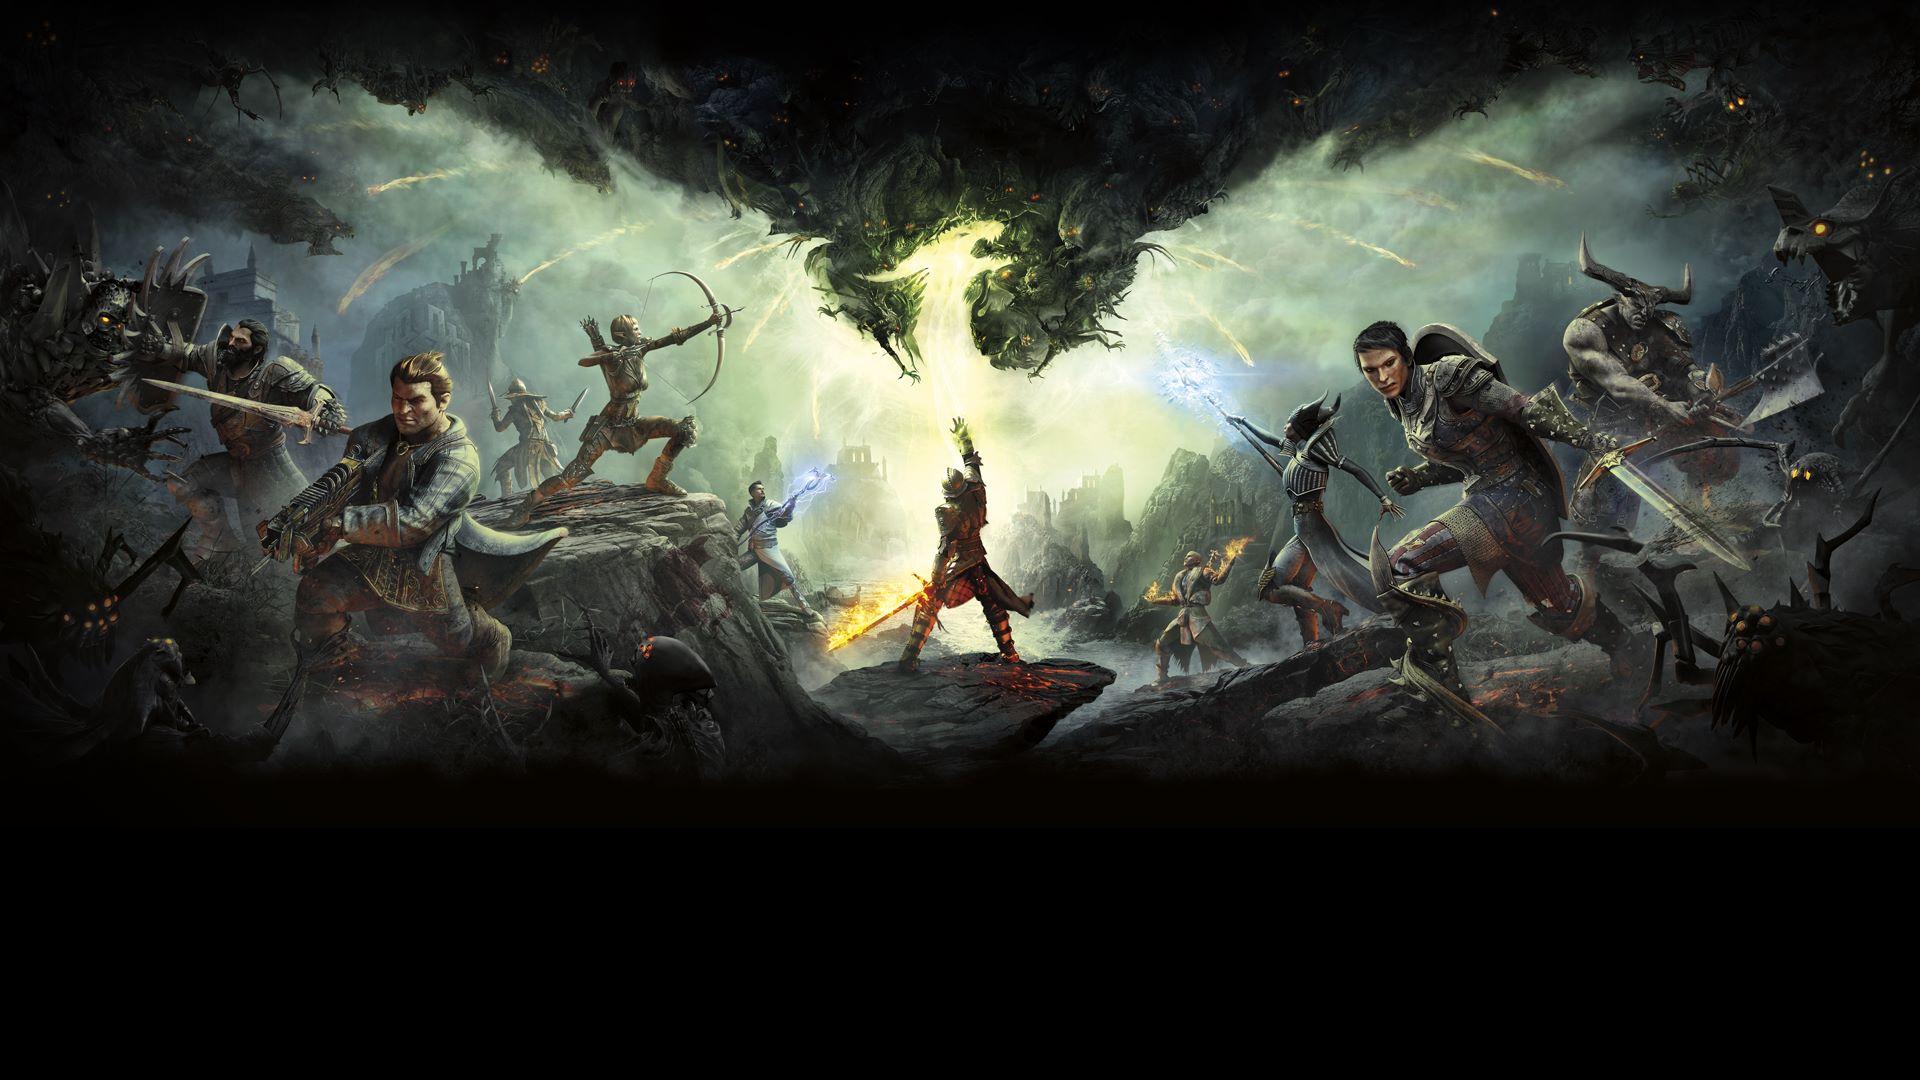 《龙腾世纪4》原先间谍强盗设定 玩家抉择改变世界